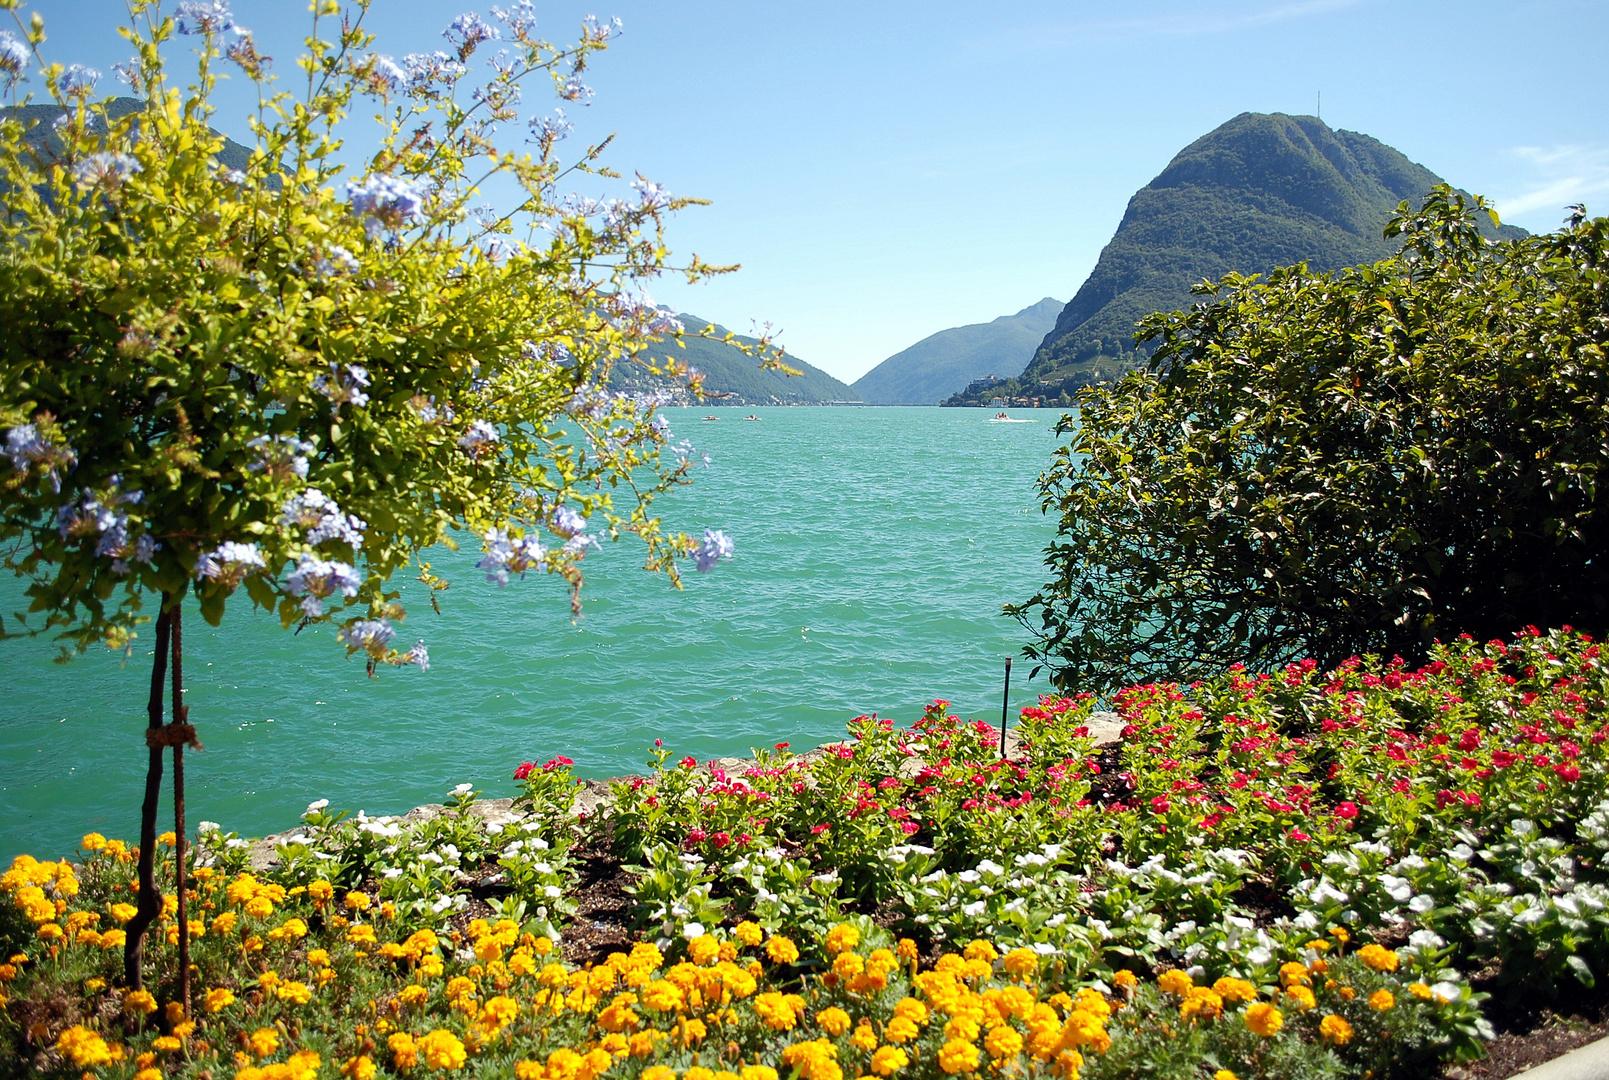 Verano en Lago Maggiore